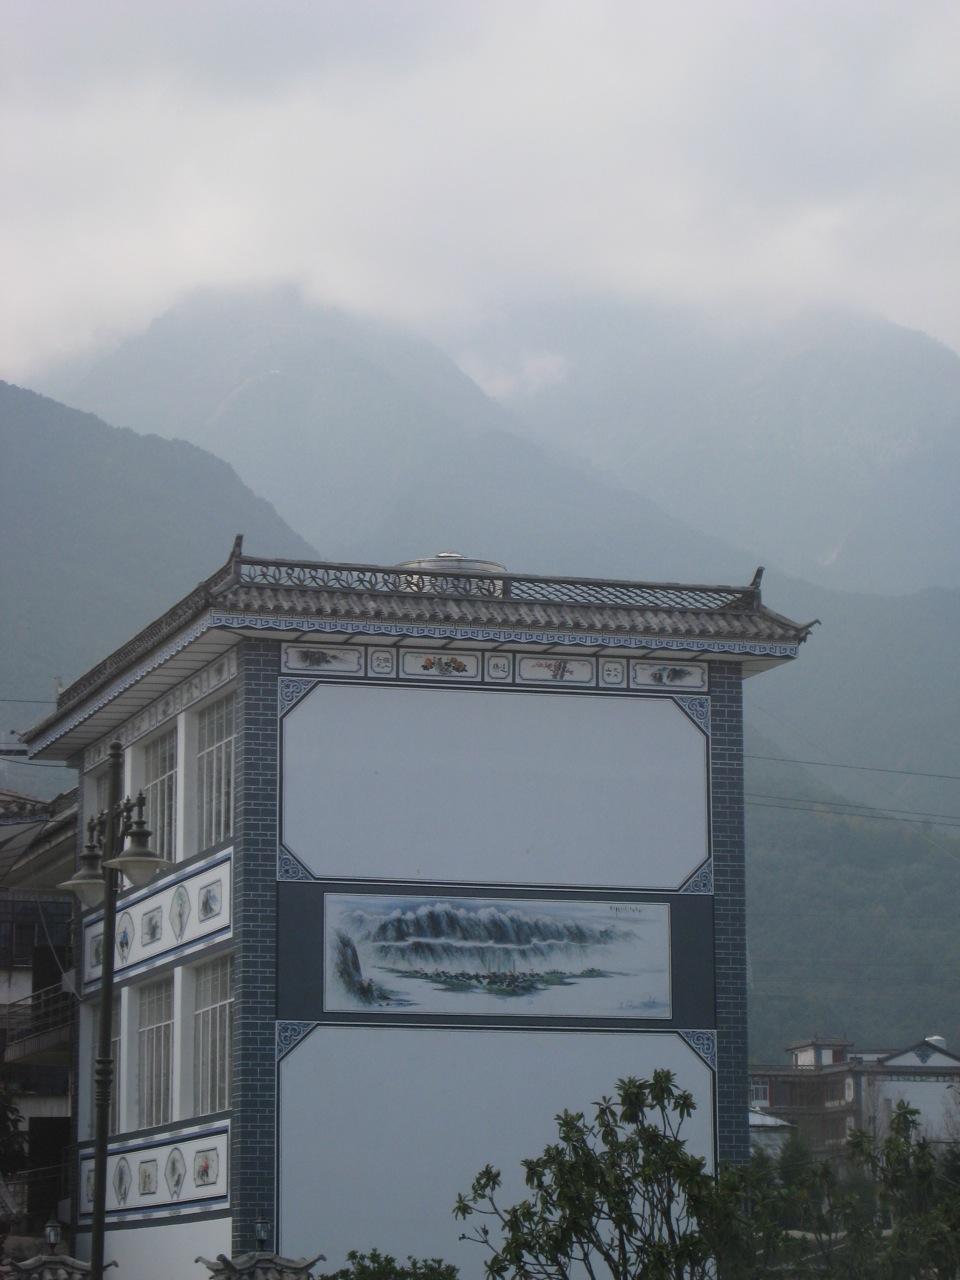 Dali architecture